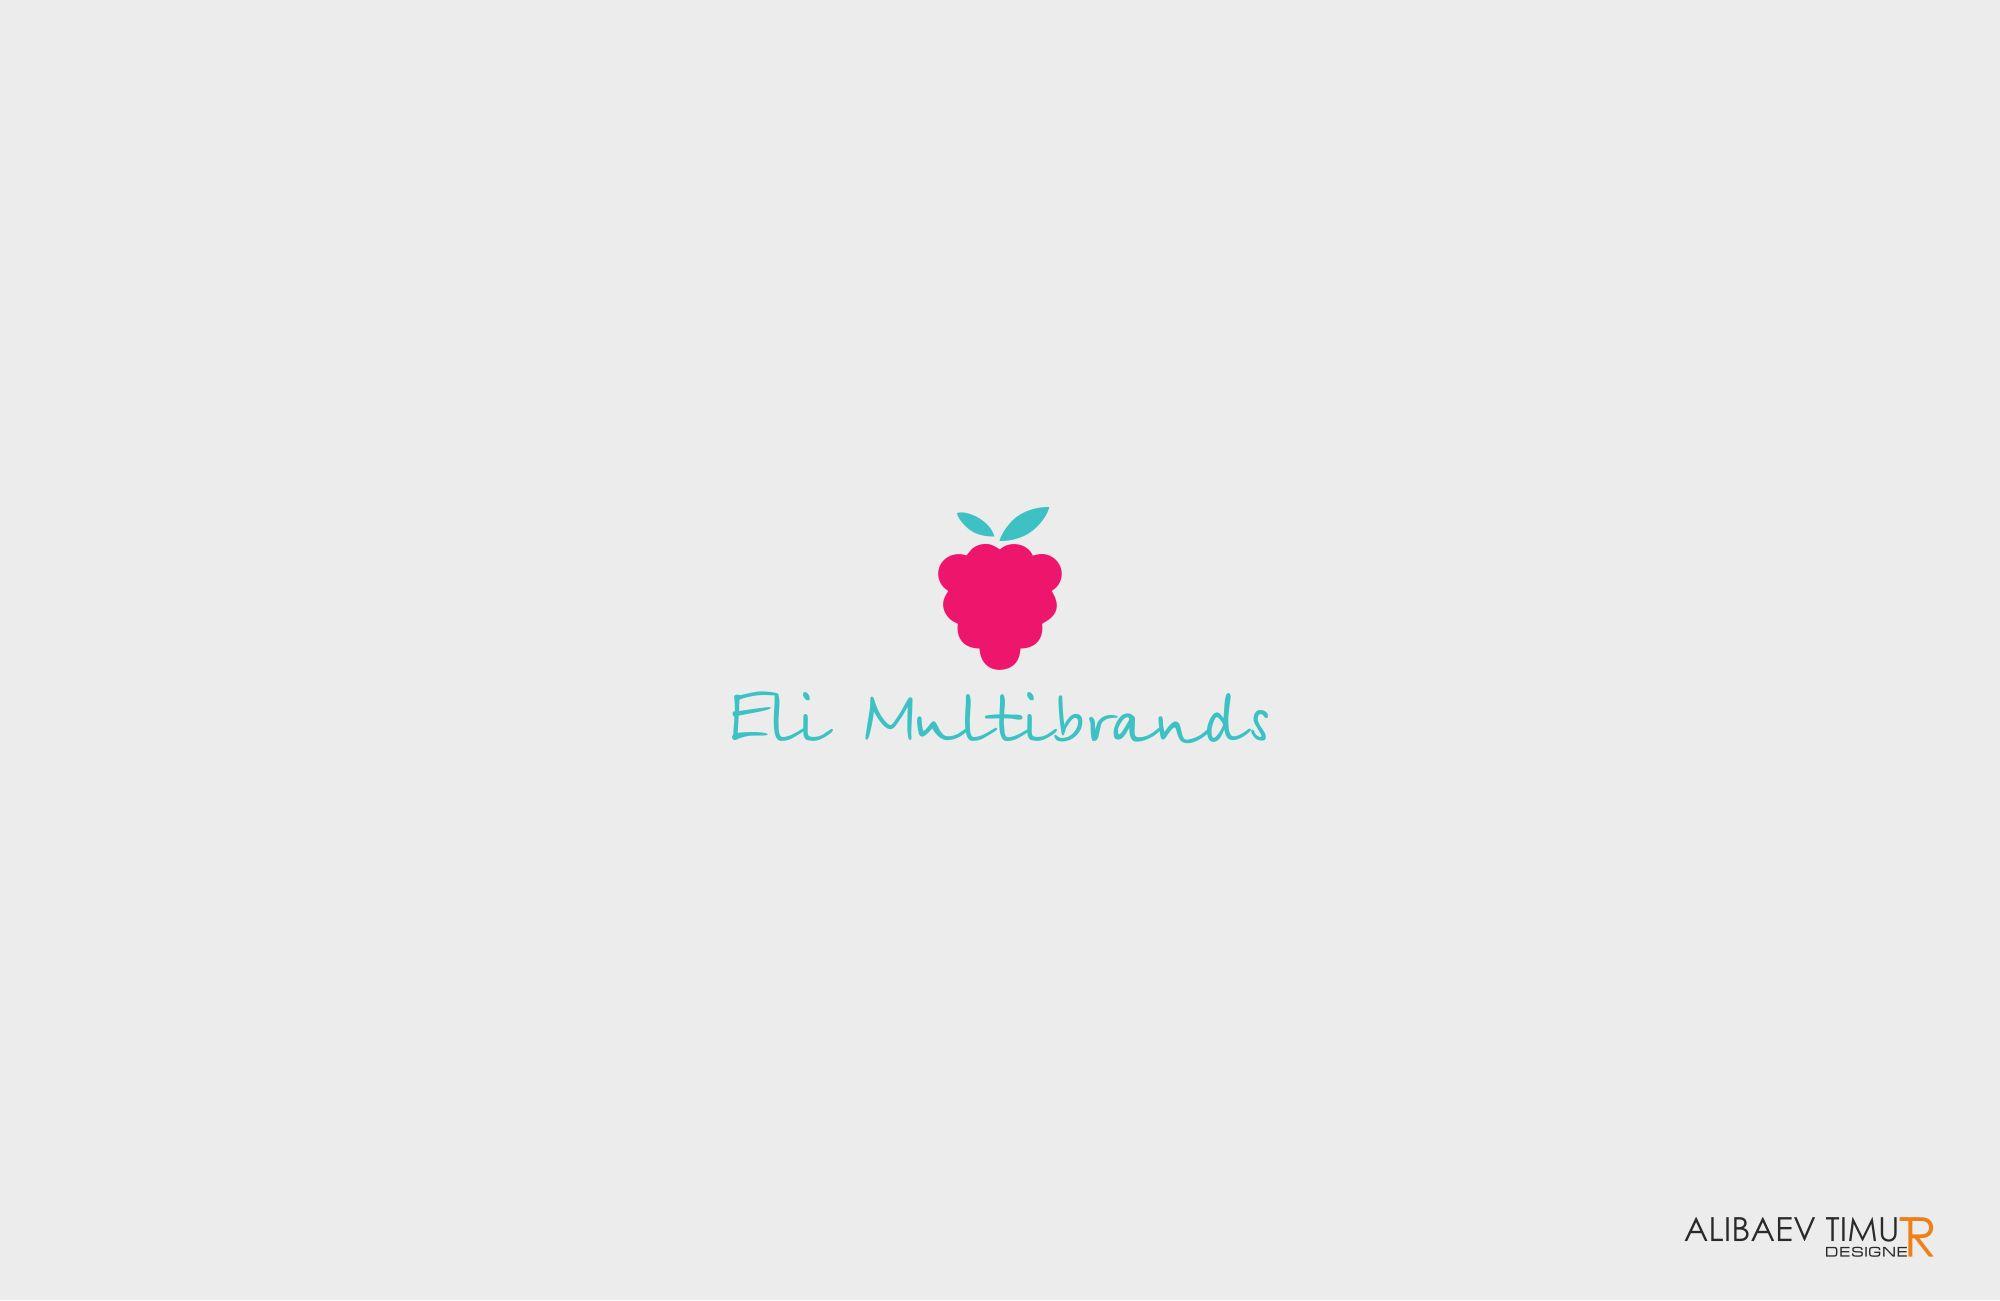 Логотип для компании ELI Multibrands - дизайнер tahalibaev